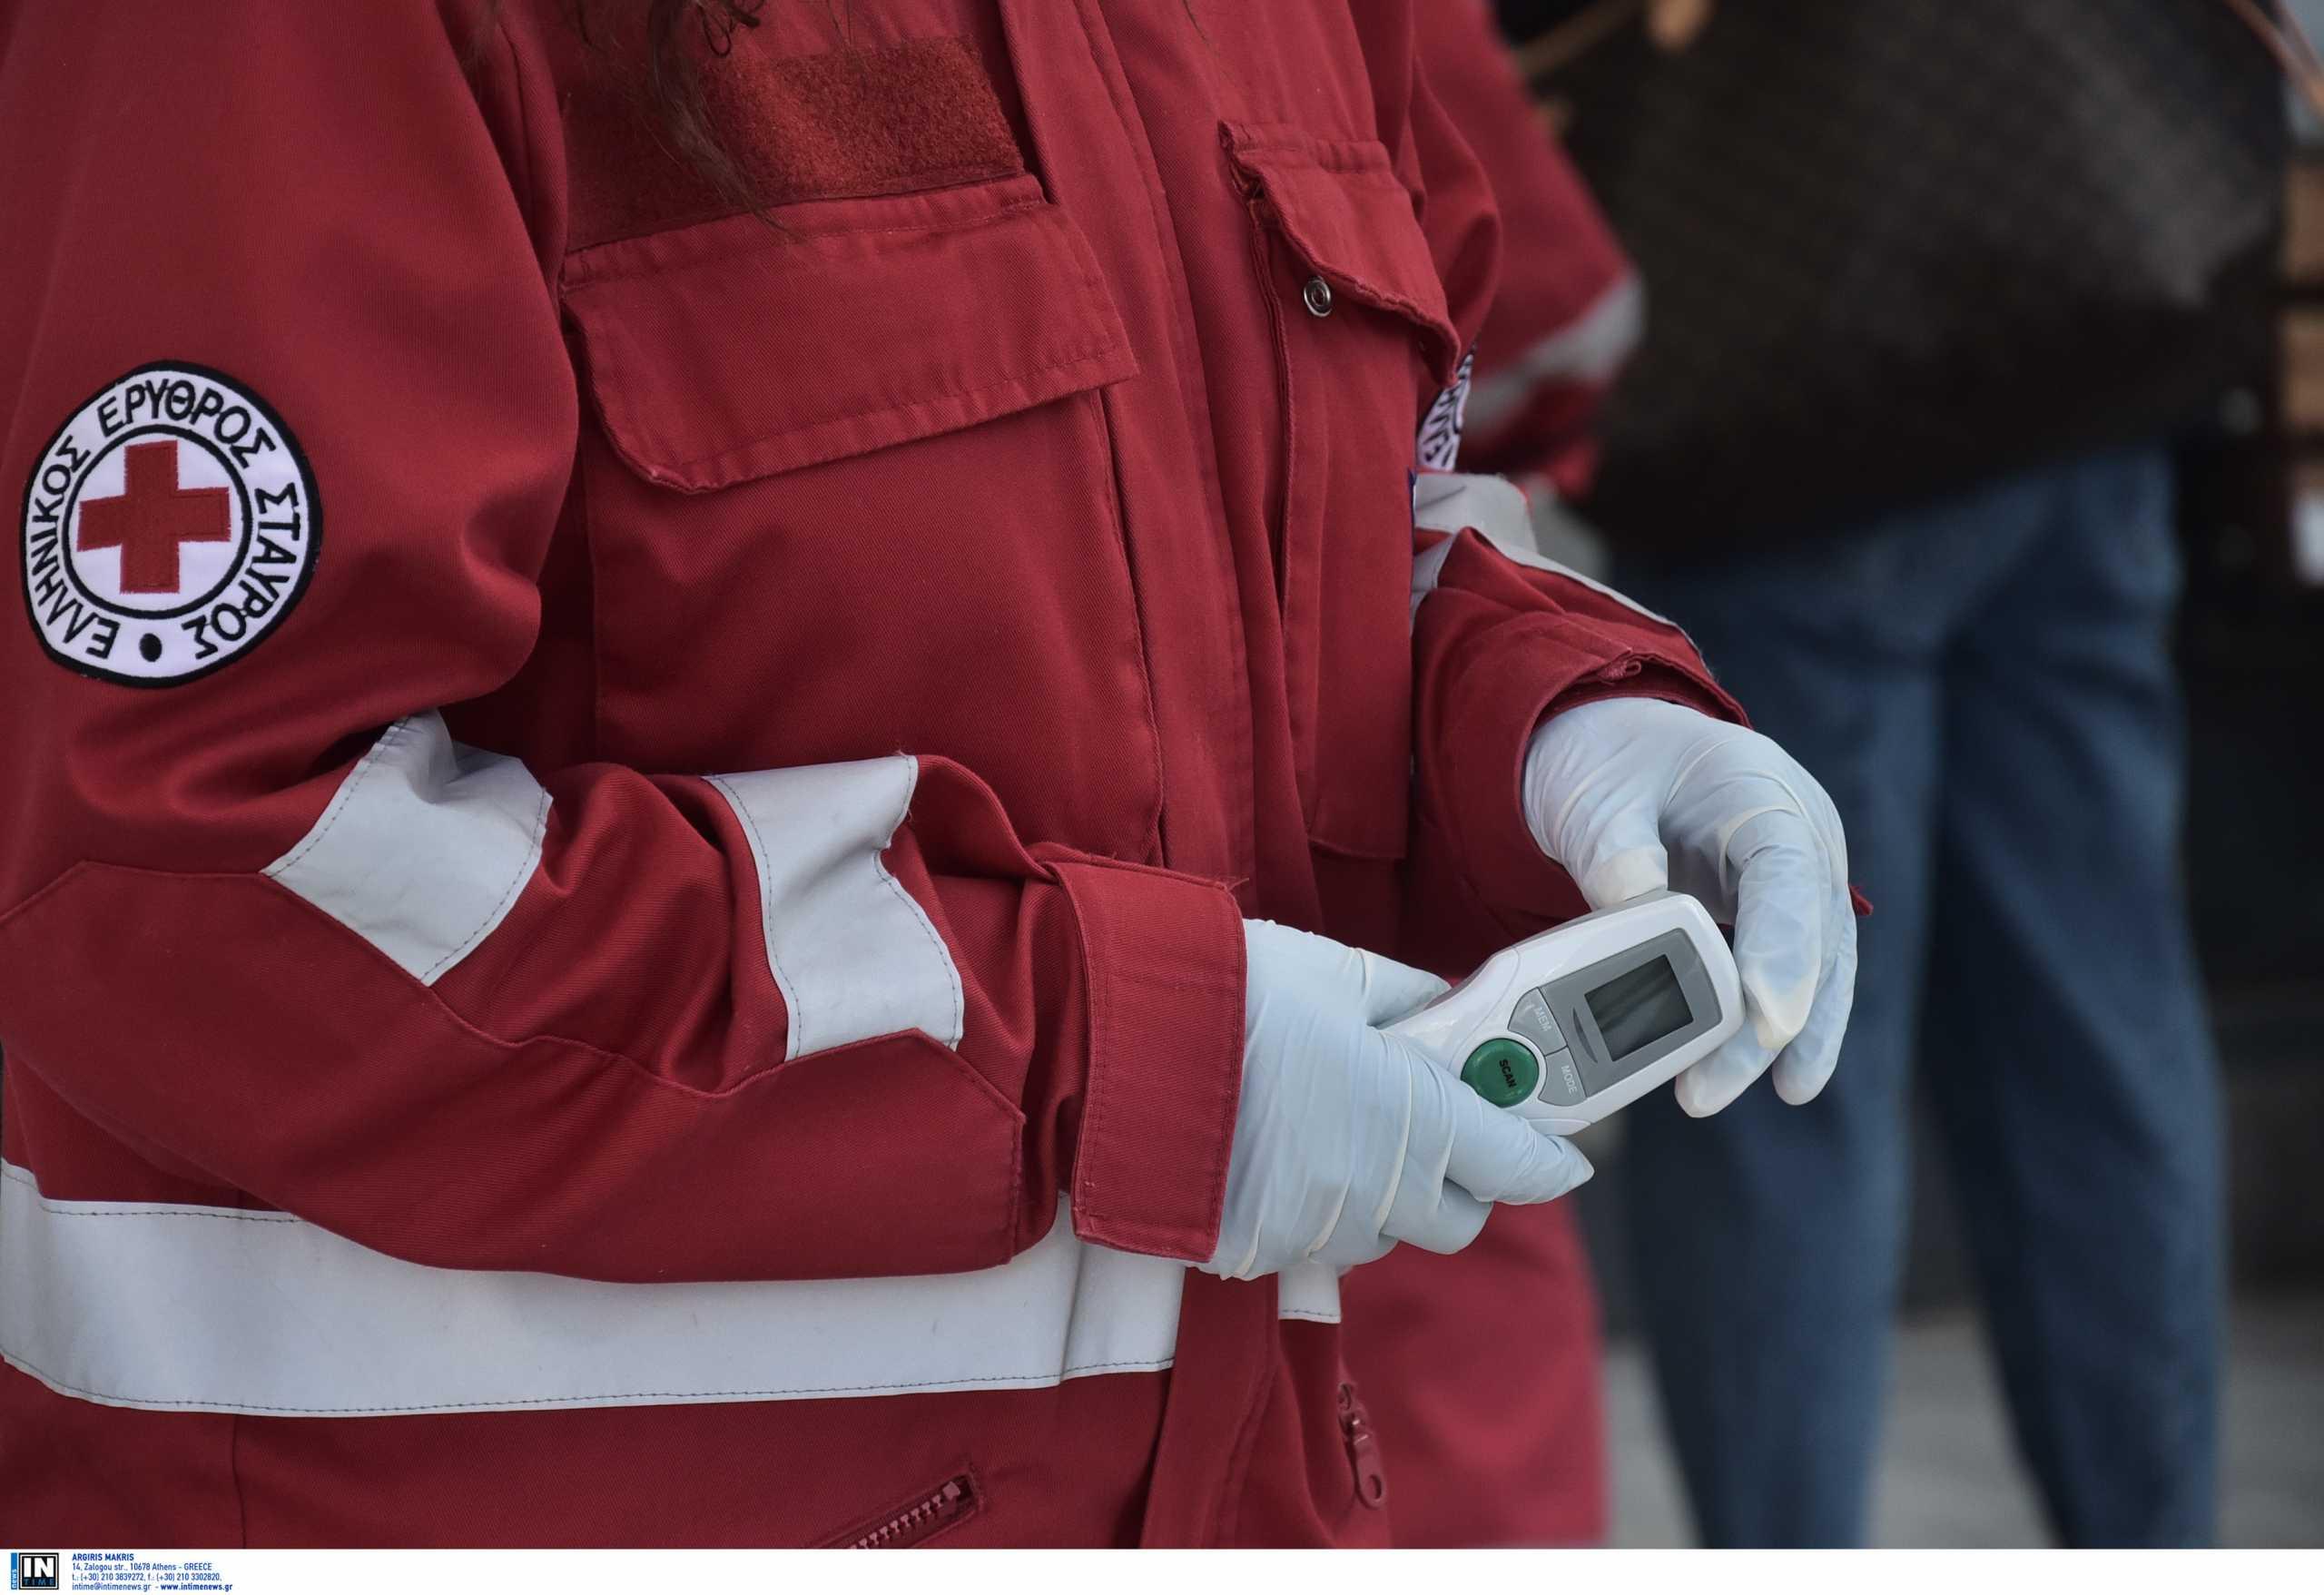 Κακοκαιρία «Μήδεια»: ΟΕρυθρός Σταυρός βοηθά στη μεταφορά ευπαθών ομάδων στα εμβολιαστικά κέντρα